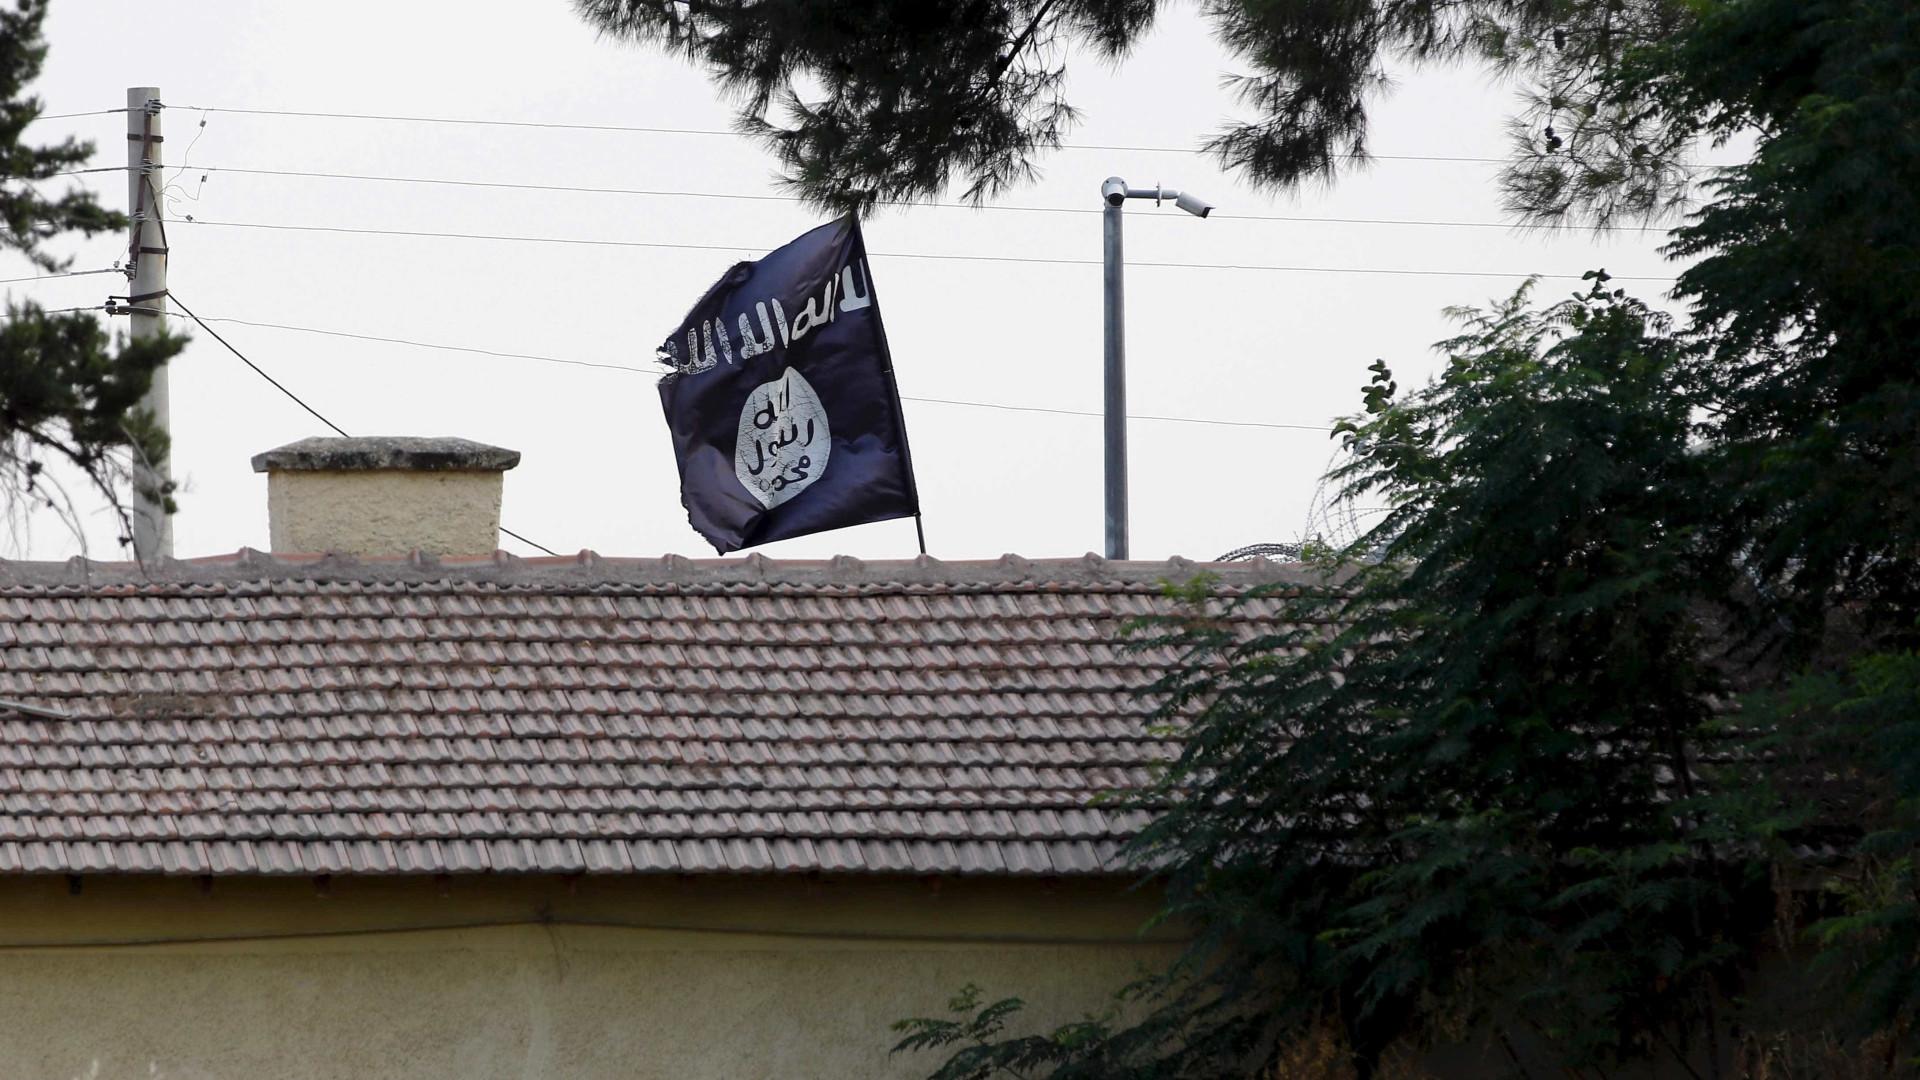 Raptada e trocada durante anos. Acabou salva por falsos jihadistas